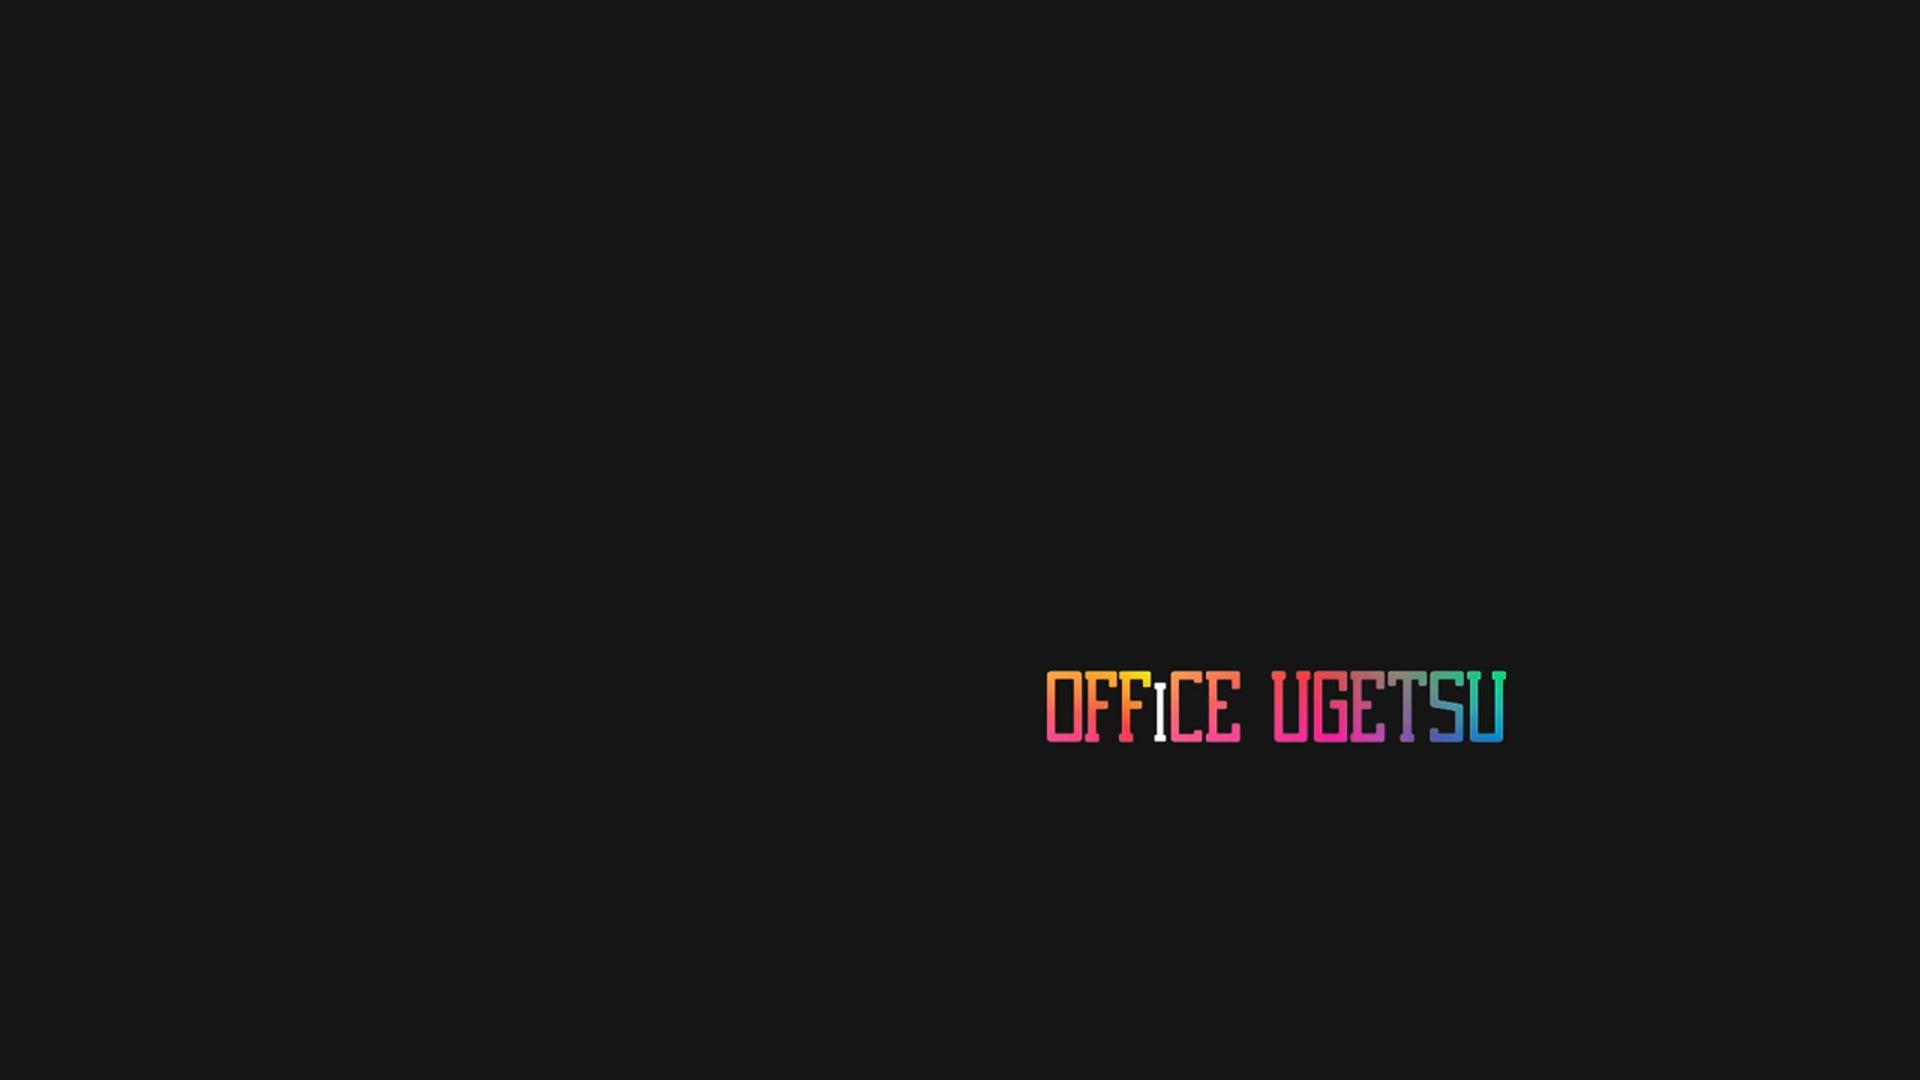 Office Ugetsu